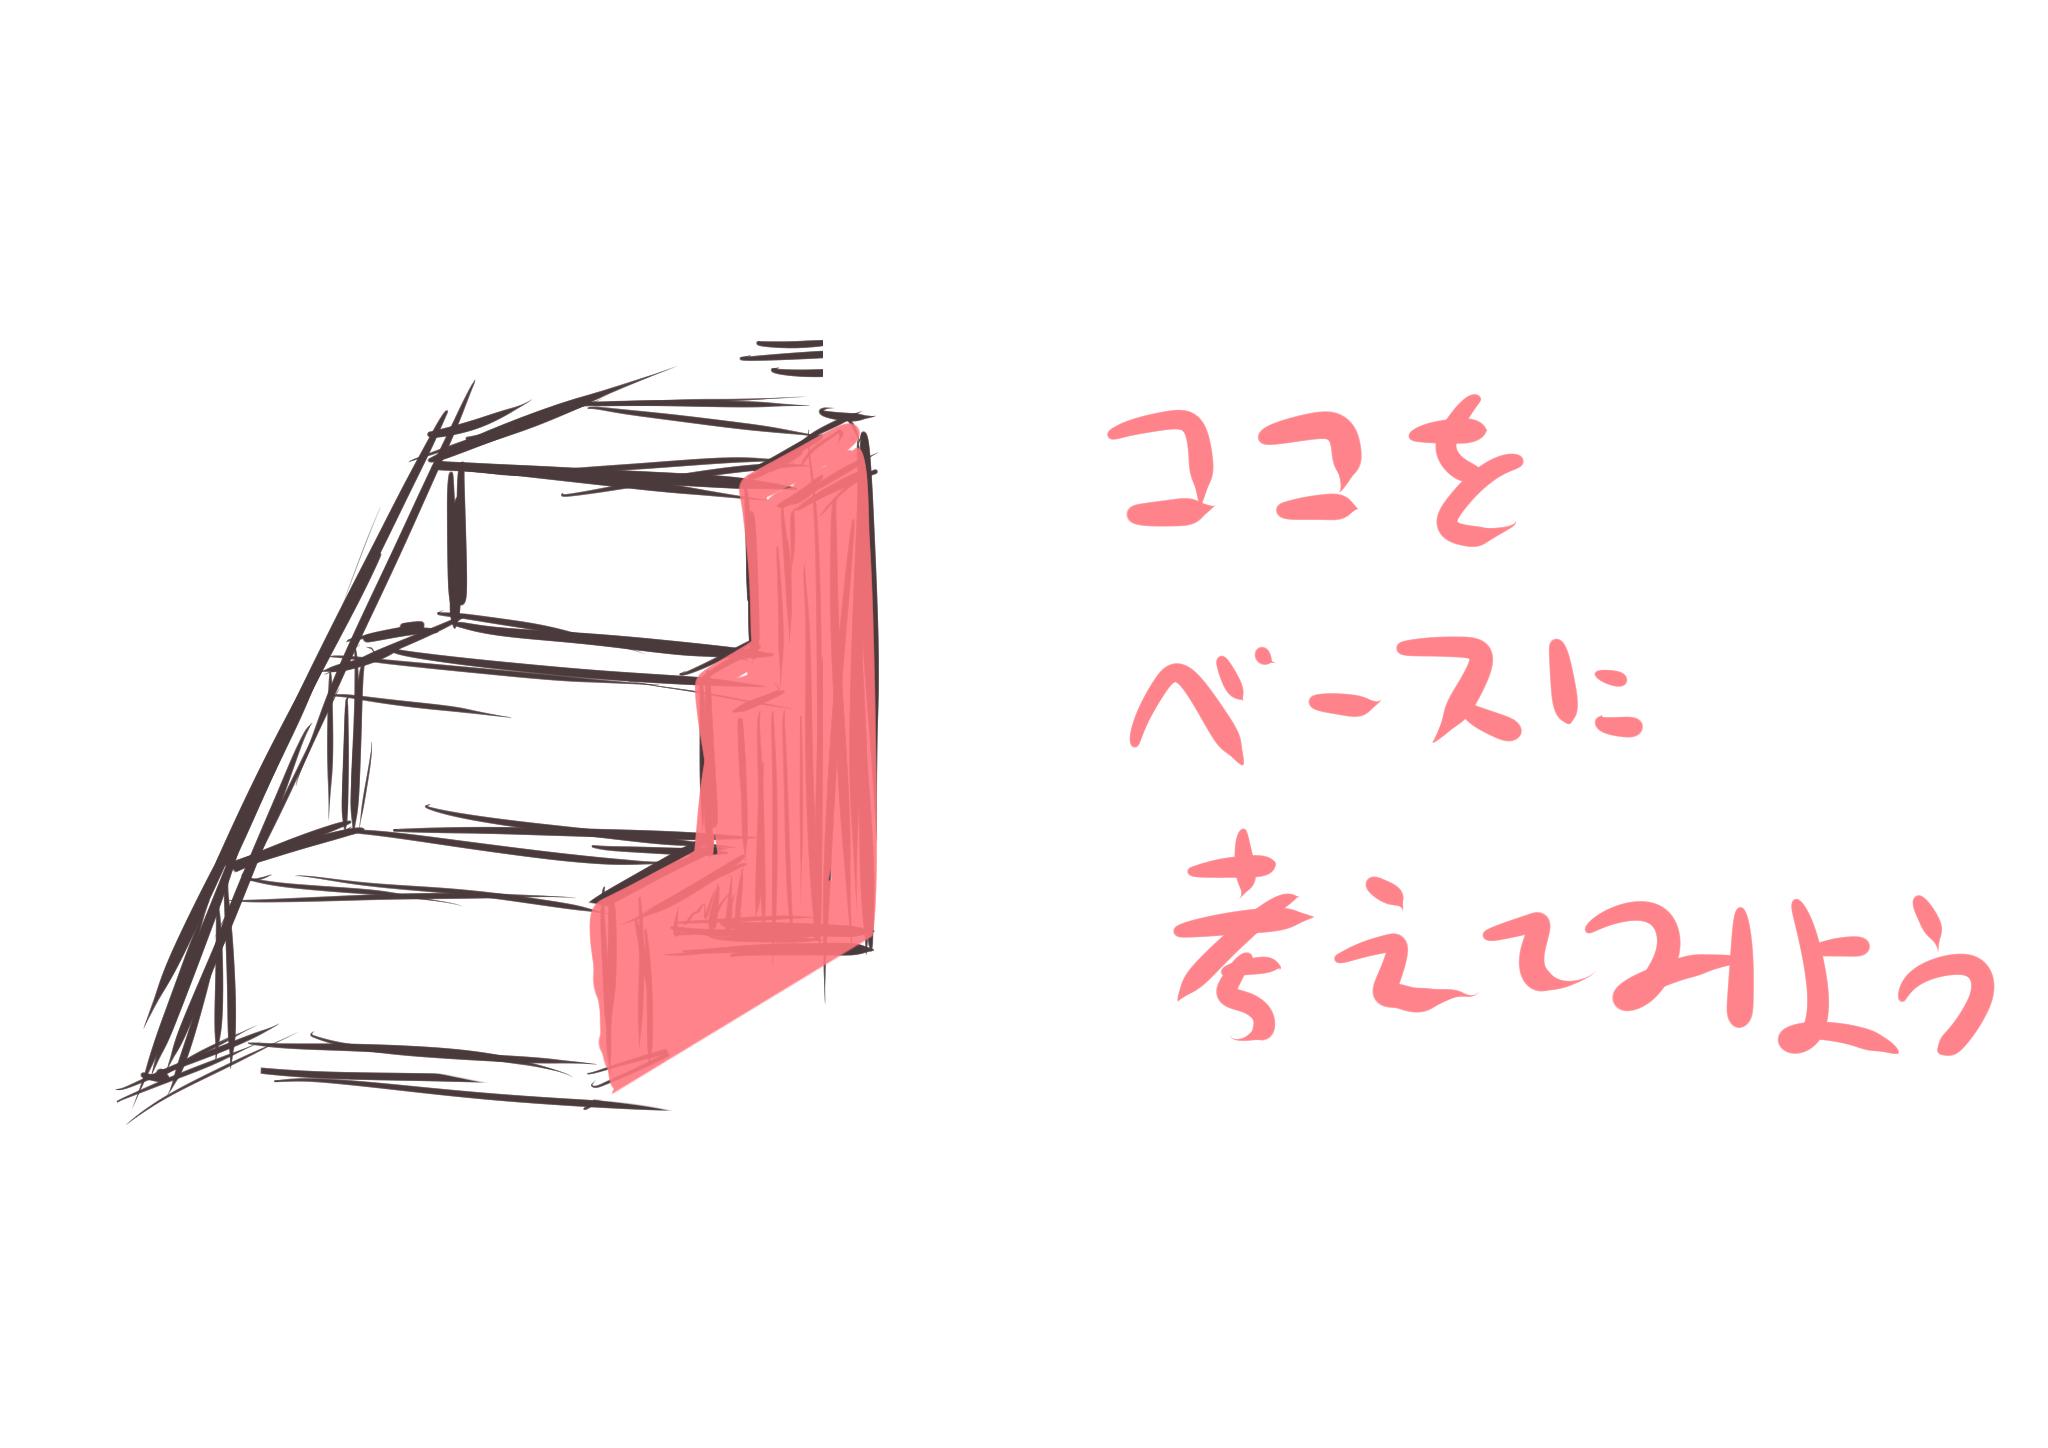 JgG4dclm_6.jpg